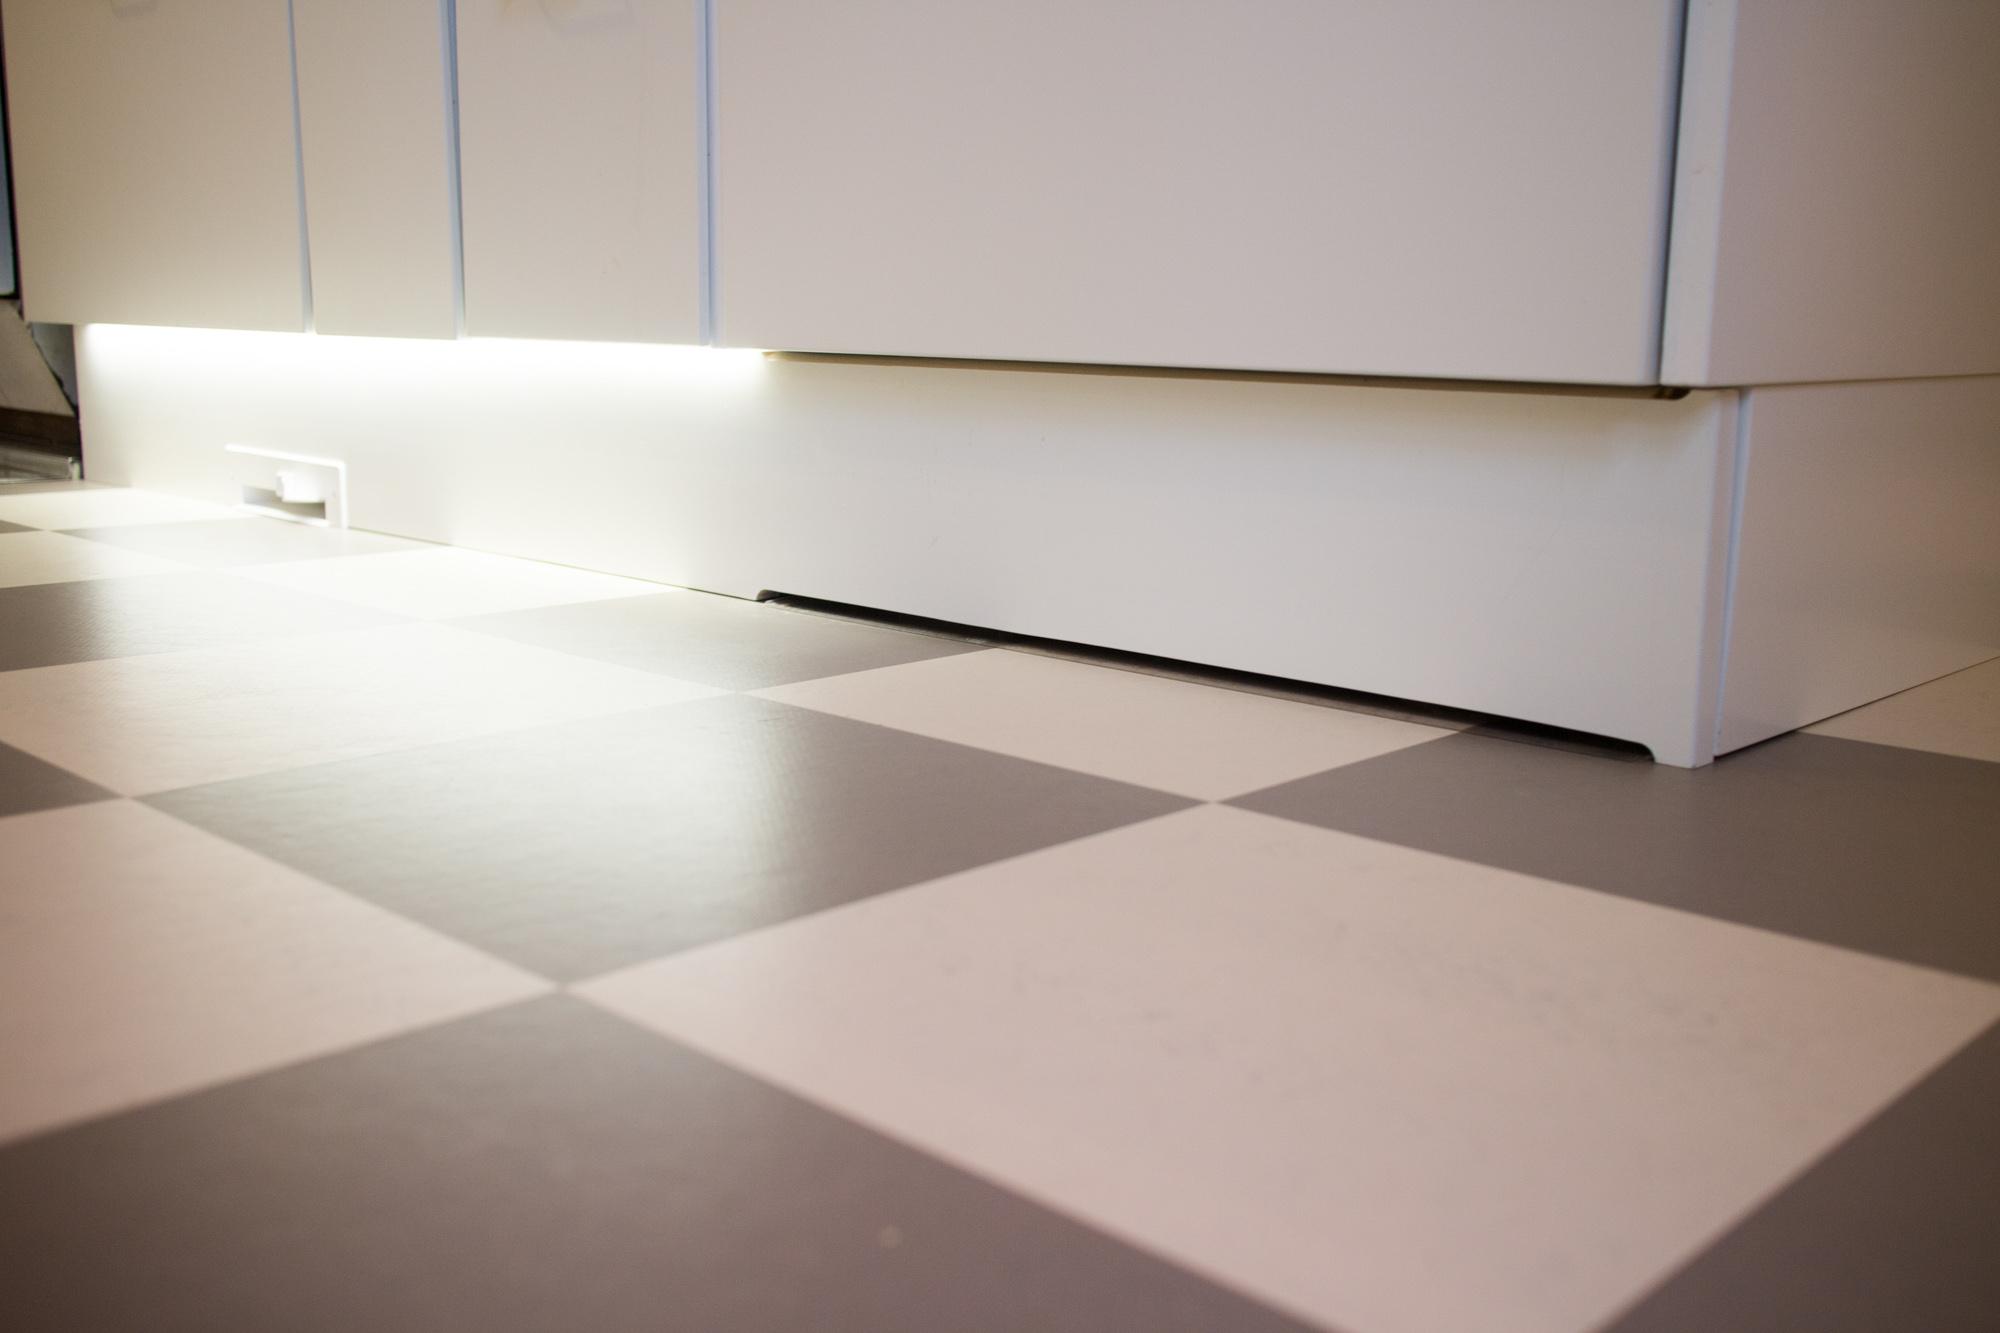 Keittiö – Vaihe 12 Keittiö on nyt VALMIS? – Rintamamiestalon uudet asukit